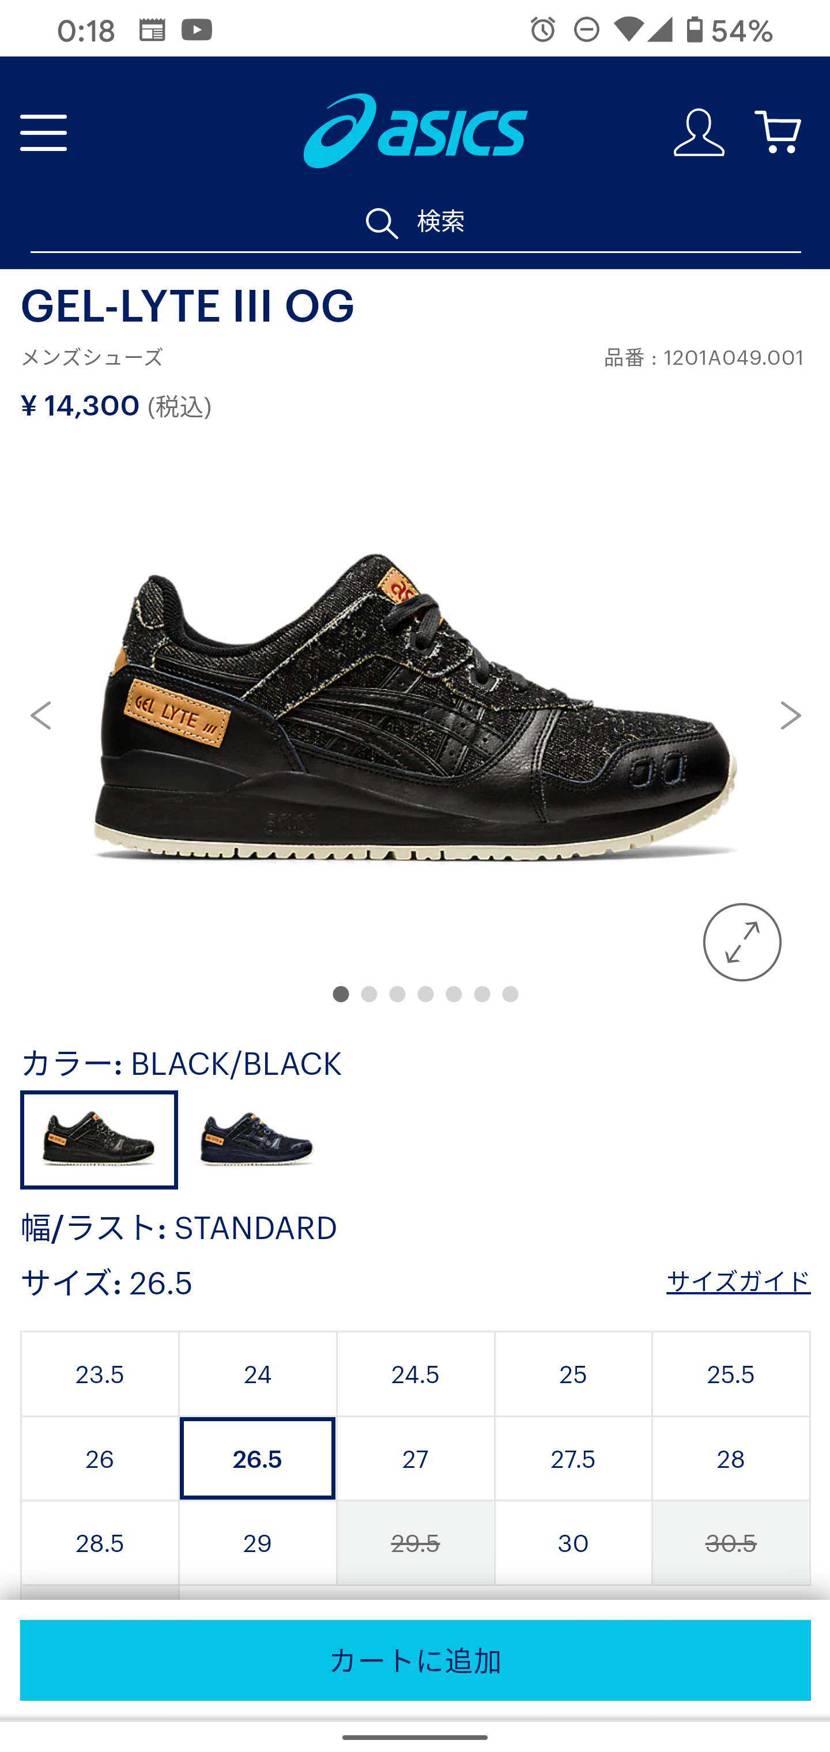 岡山デニムまだ余裕で買えるみたいですね。 かなり惹かれてるけど明日店頭で実物見て